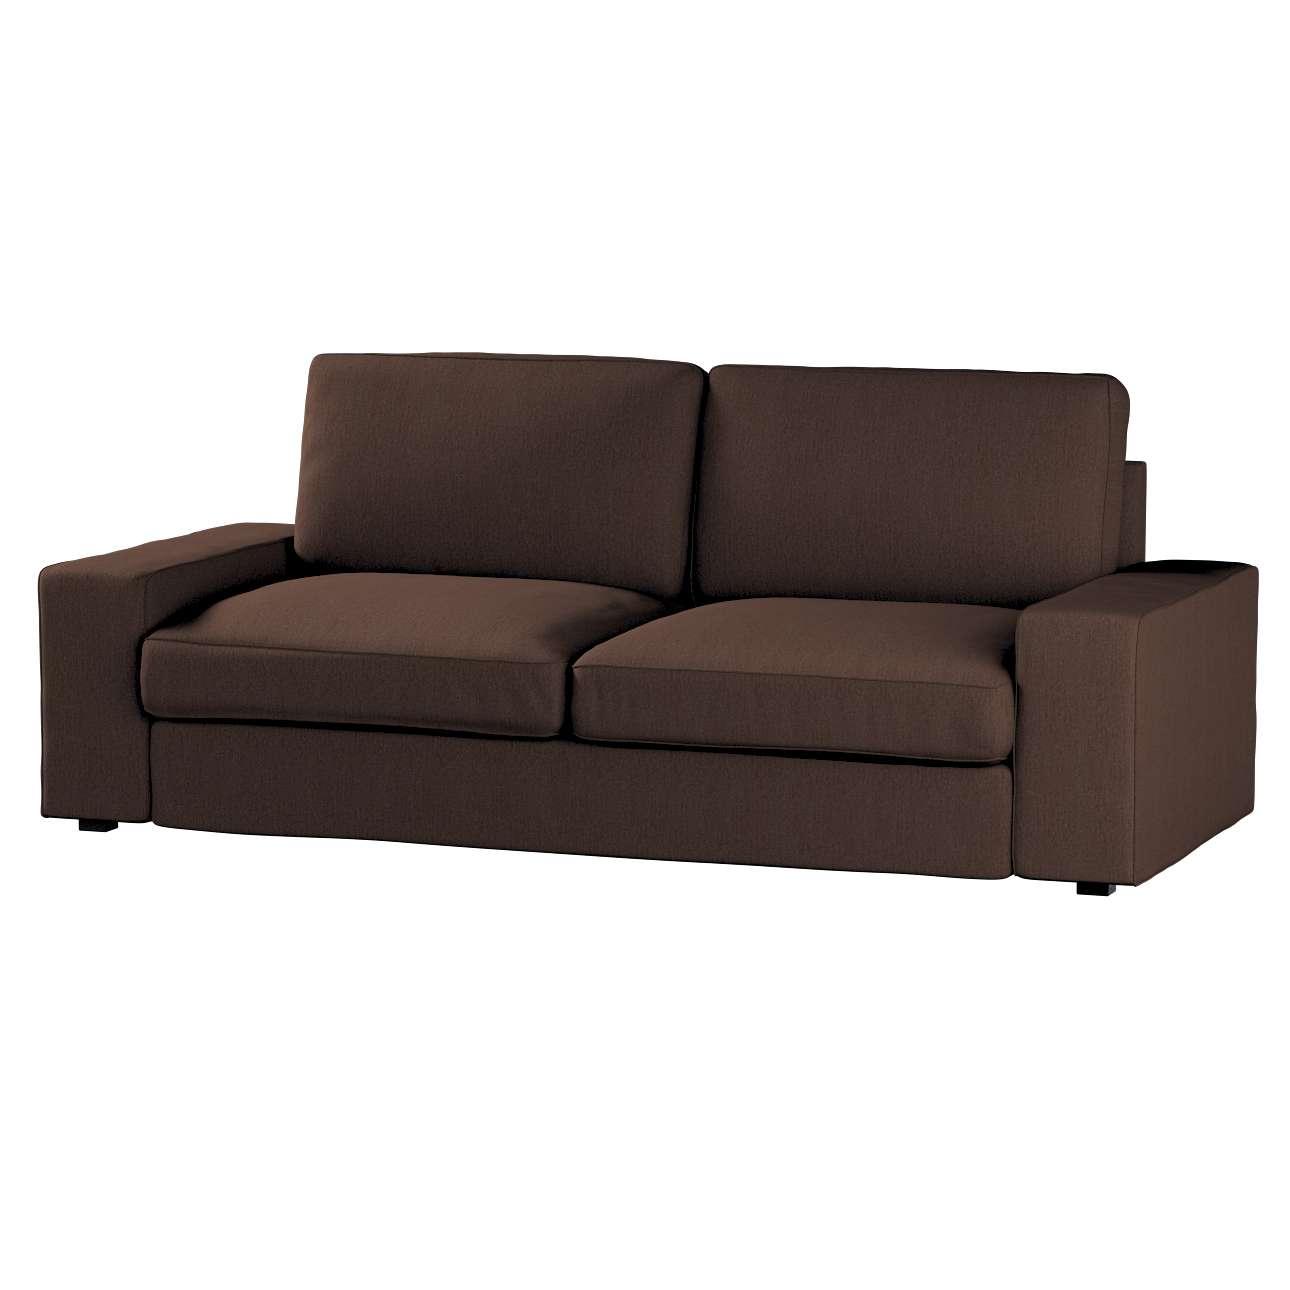 Pokrowiec na sofę Kivik 3-osobową, rozkładaną Sofa Kivik 3-osobowa rozkładana w kolekcji Chenille, tkanina: 702-18